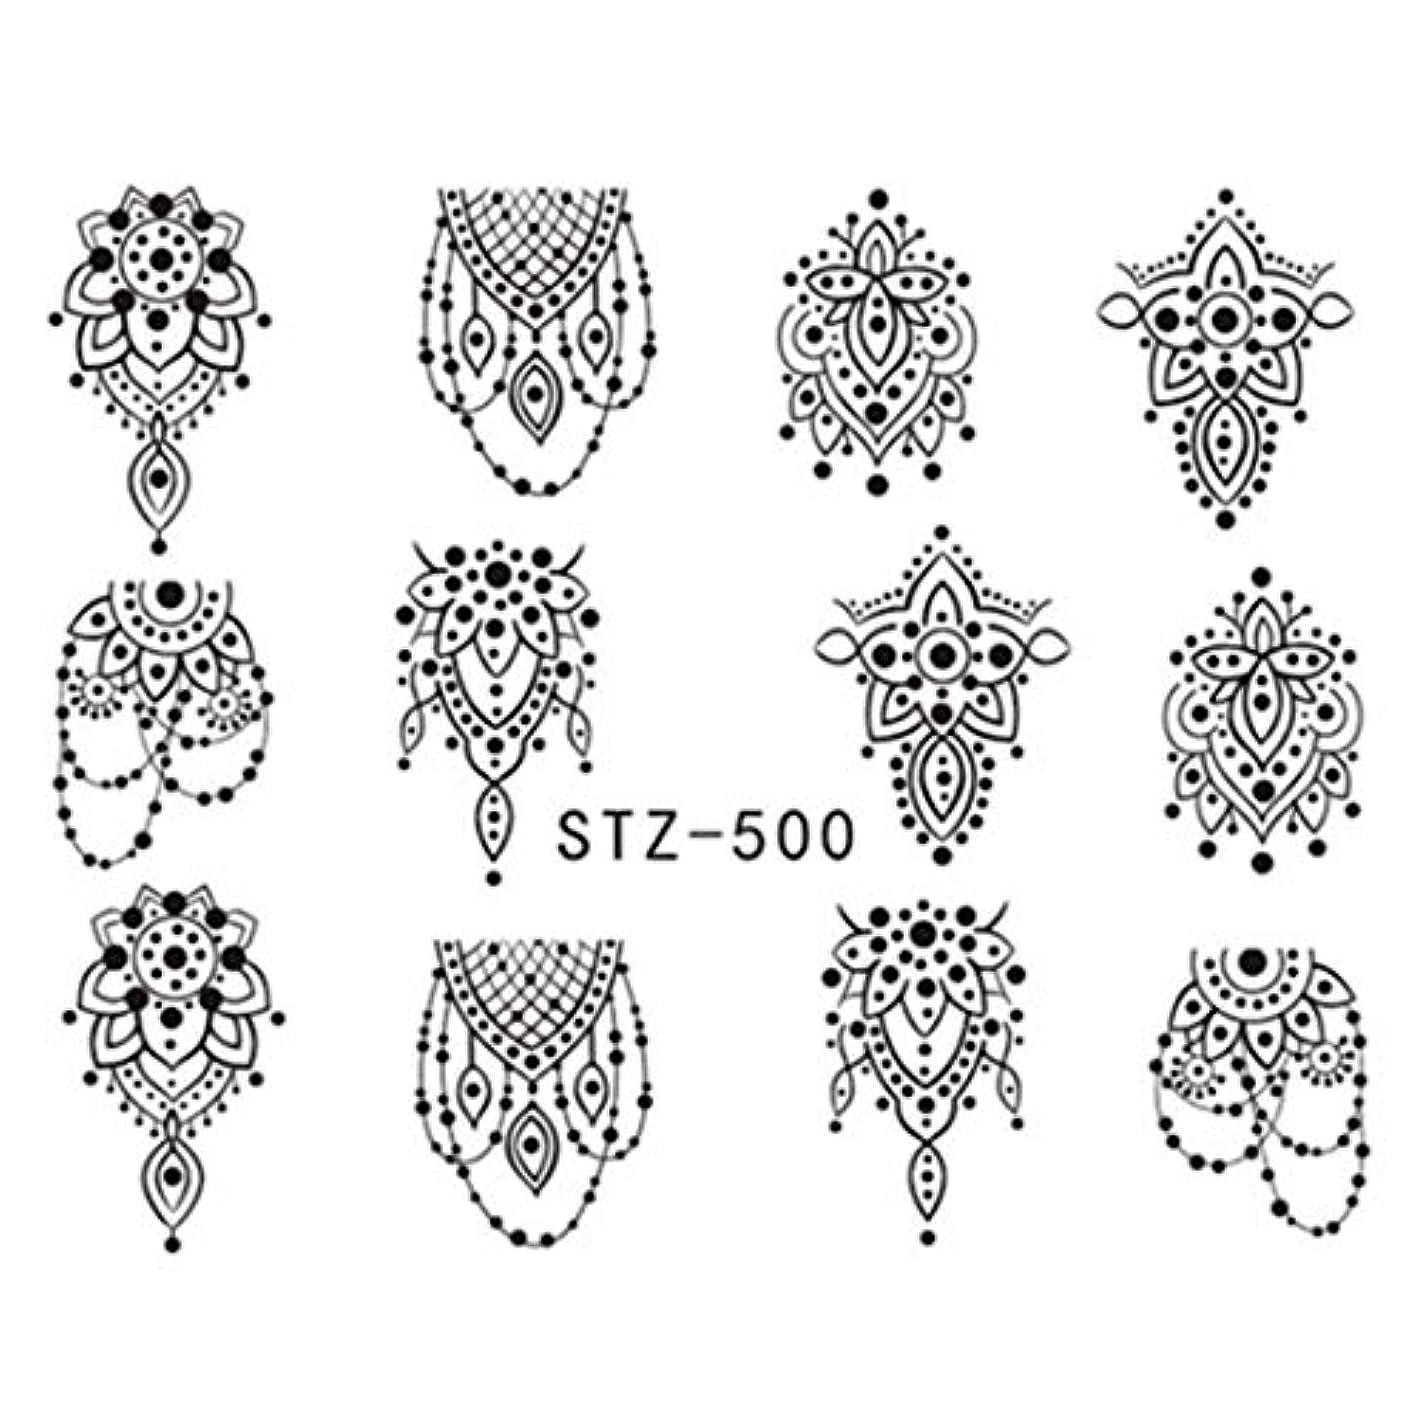 弾丸化学手術Wadachikis フランスのフランスのアートネックレスの装飾パターンアップリケ(None STZ500)